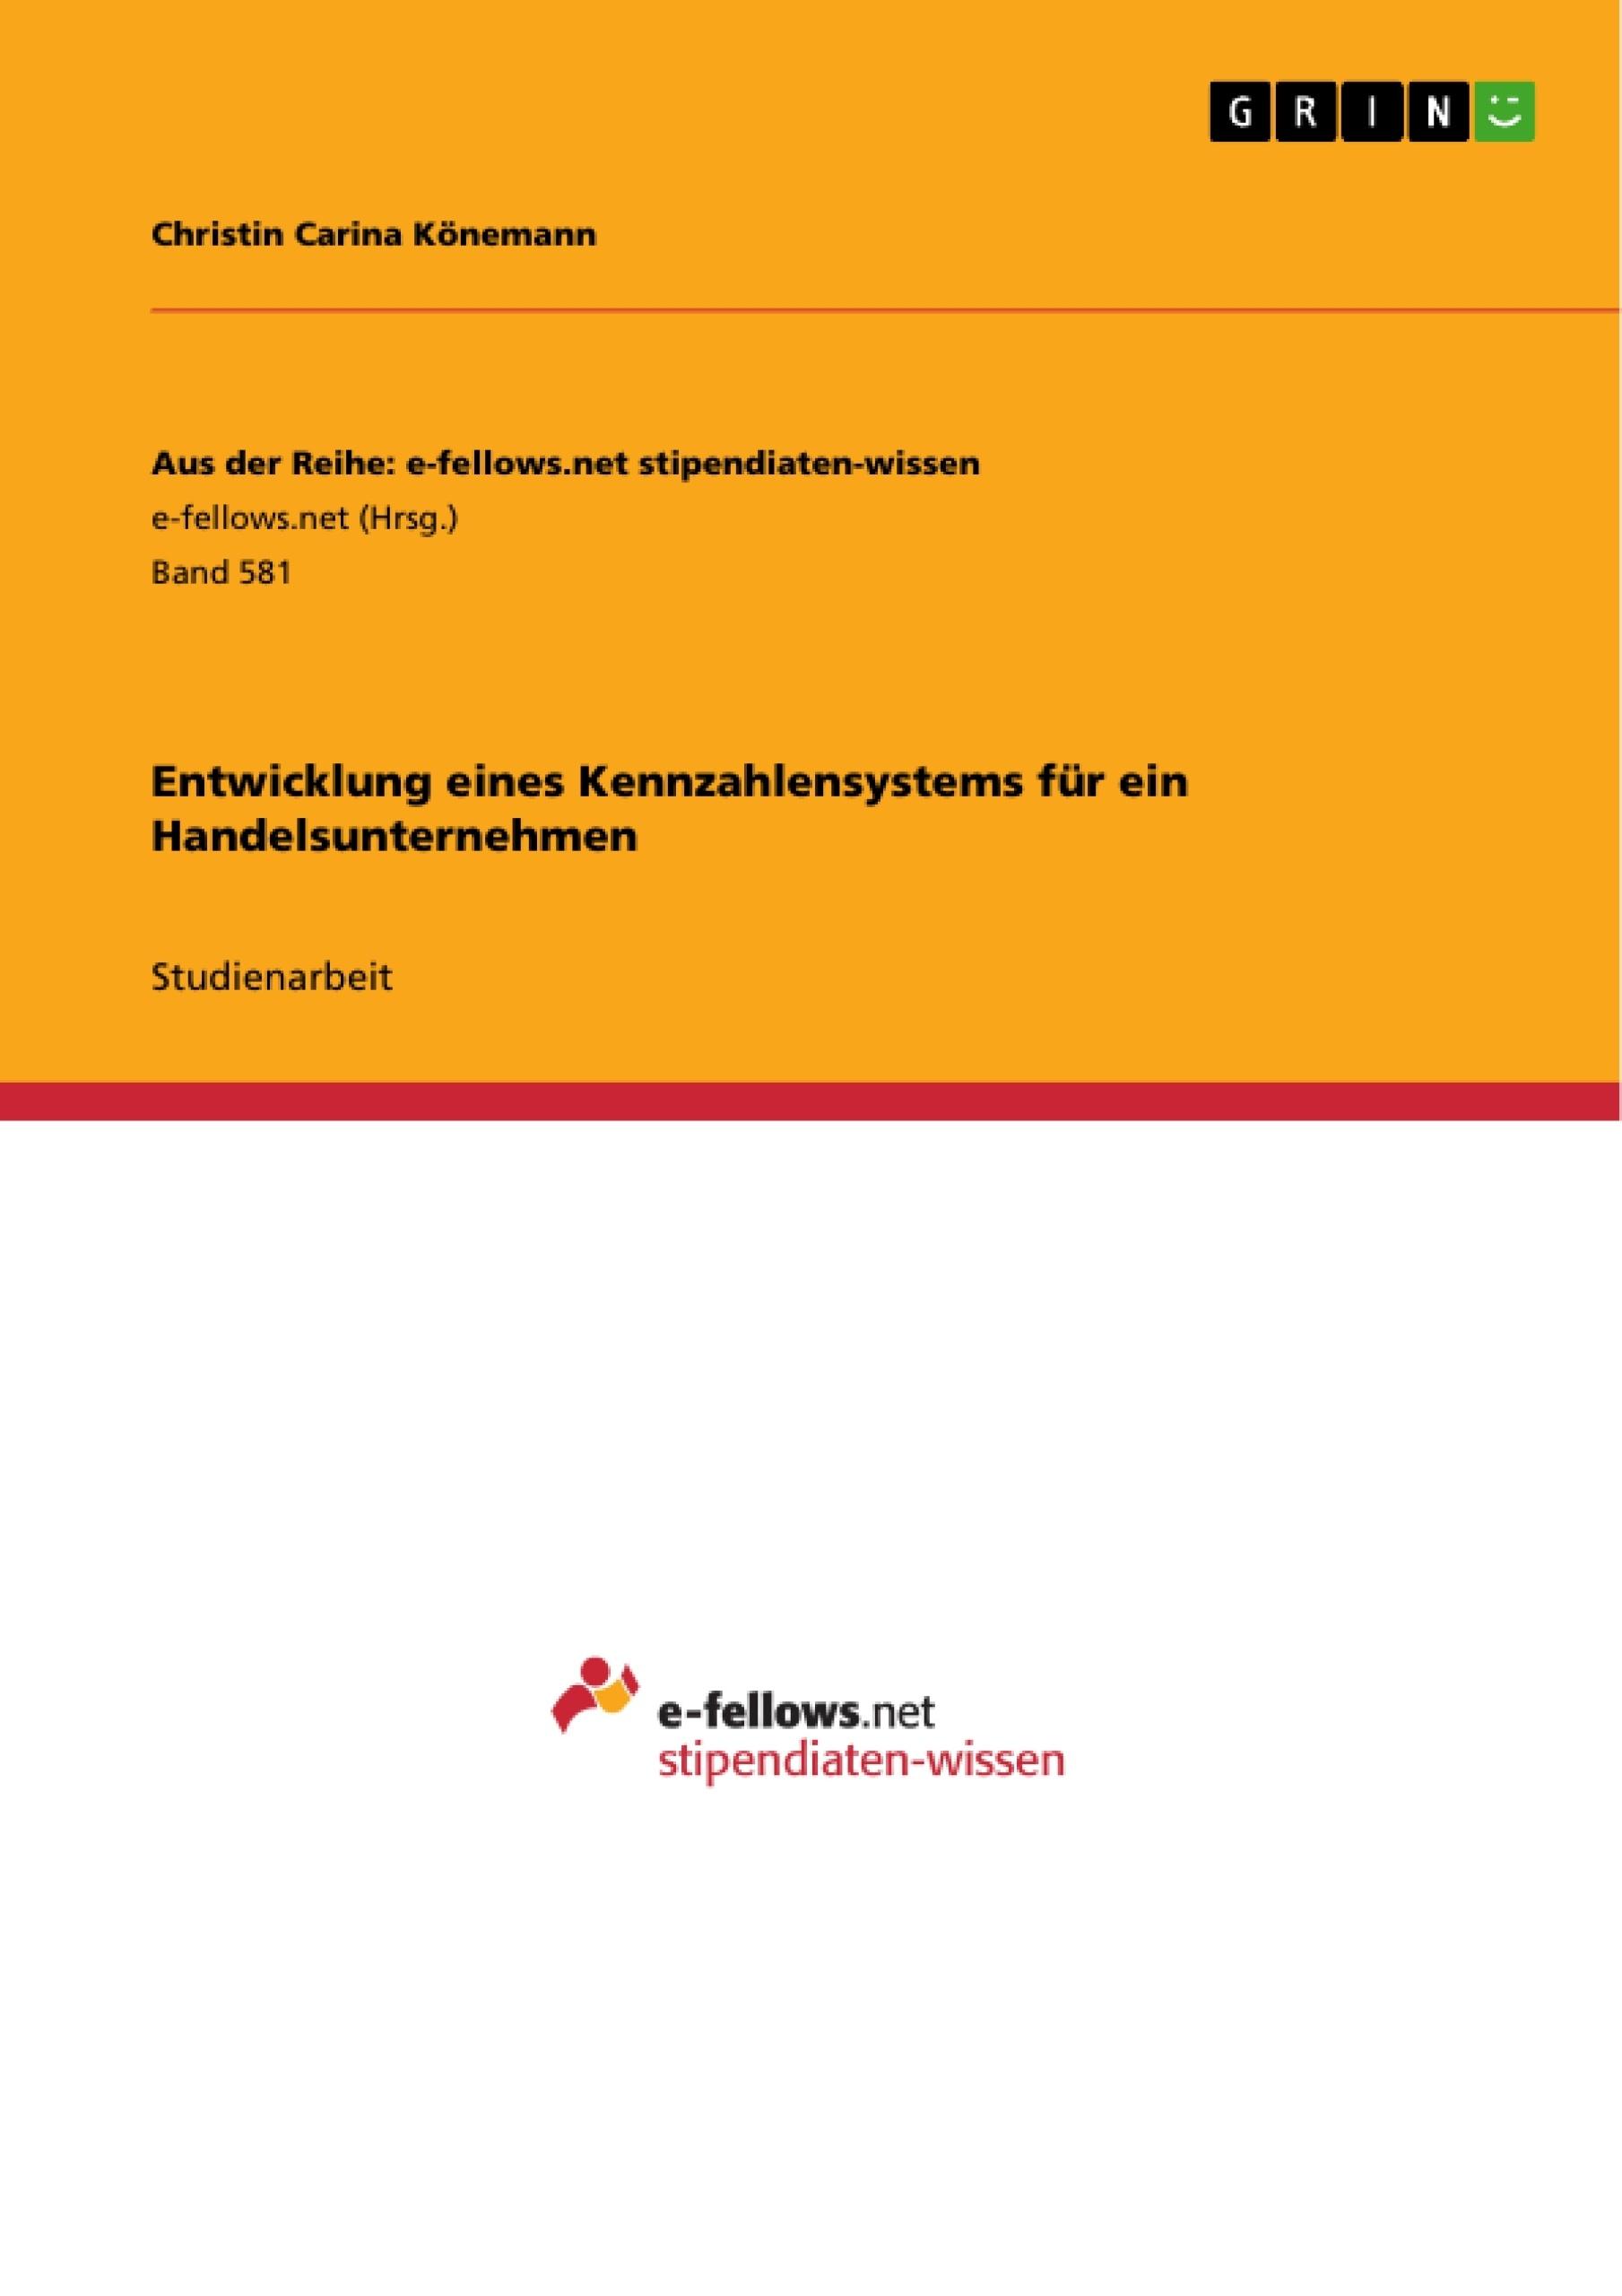 Titel: Entwicklung eines Kennzahlensystems für ein Handelsunternehmen